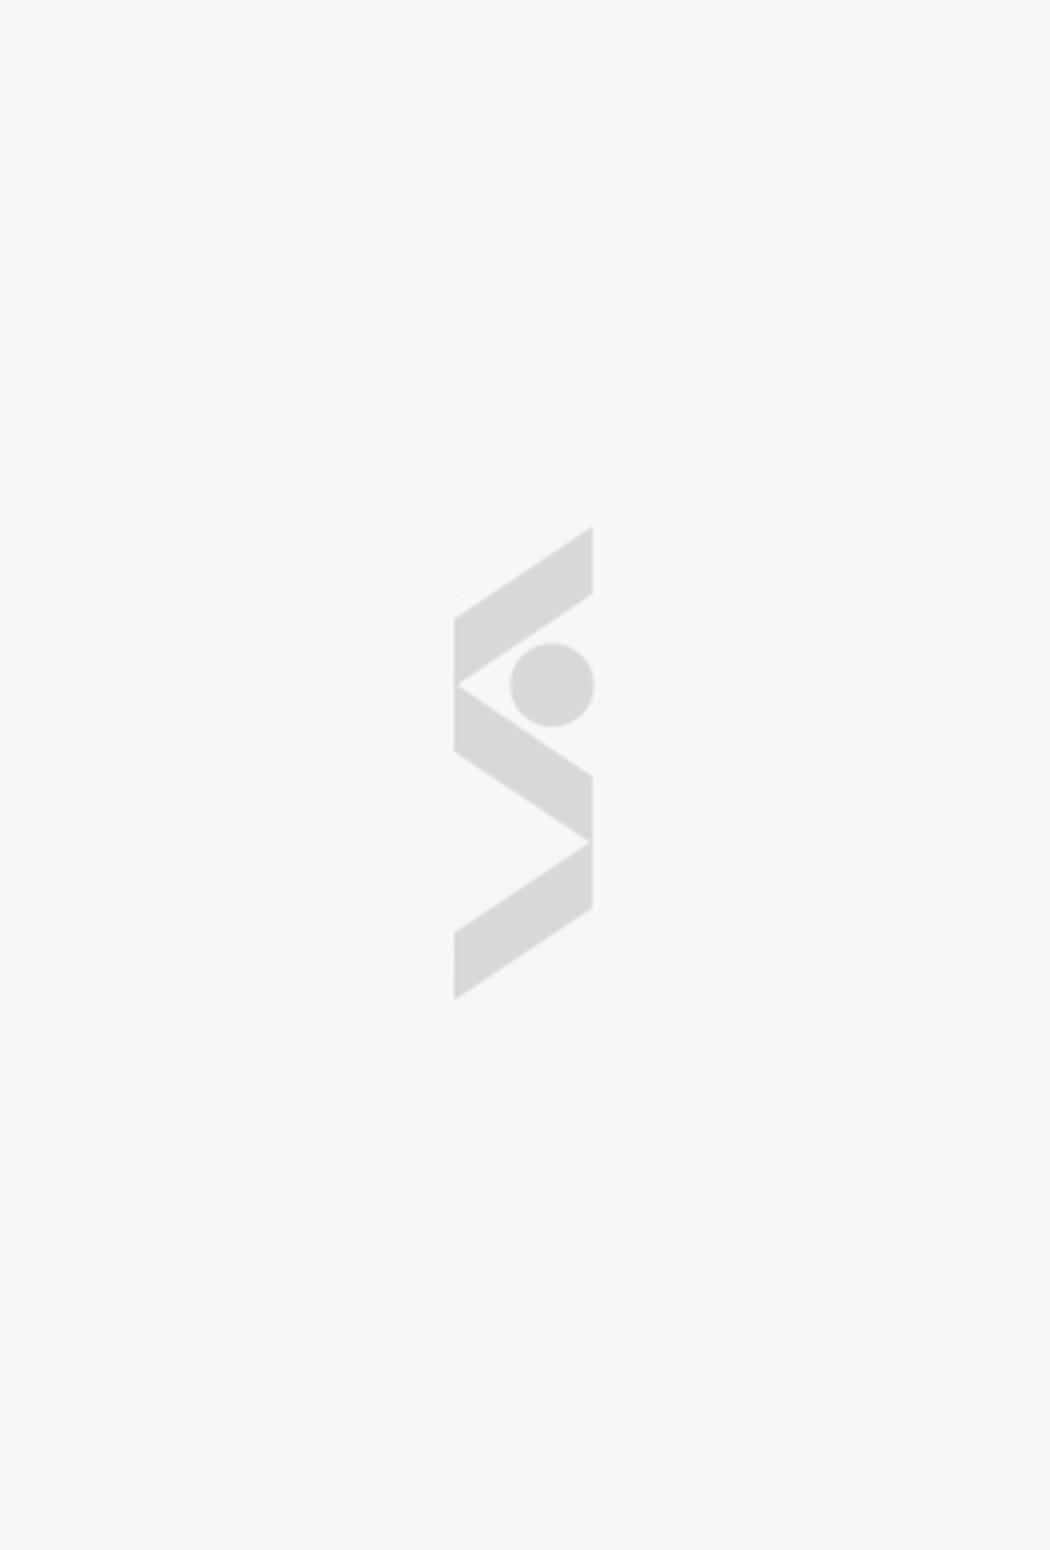 Толстовка на молнии Bodyguard - цена 1990 ₽ купить в интернет-магазине СТОКМАНН в Москве BAFC85AF-910D-4DEB-A33F-6FEB126D97E3